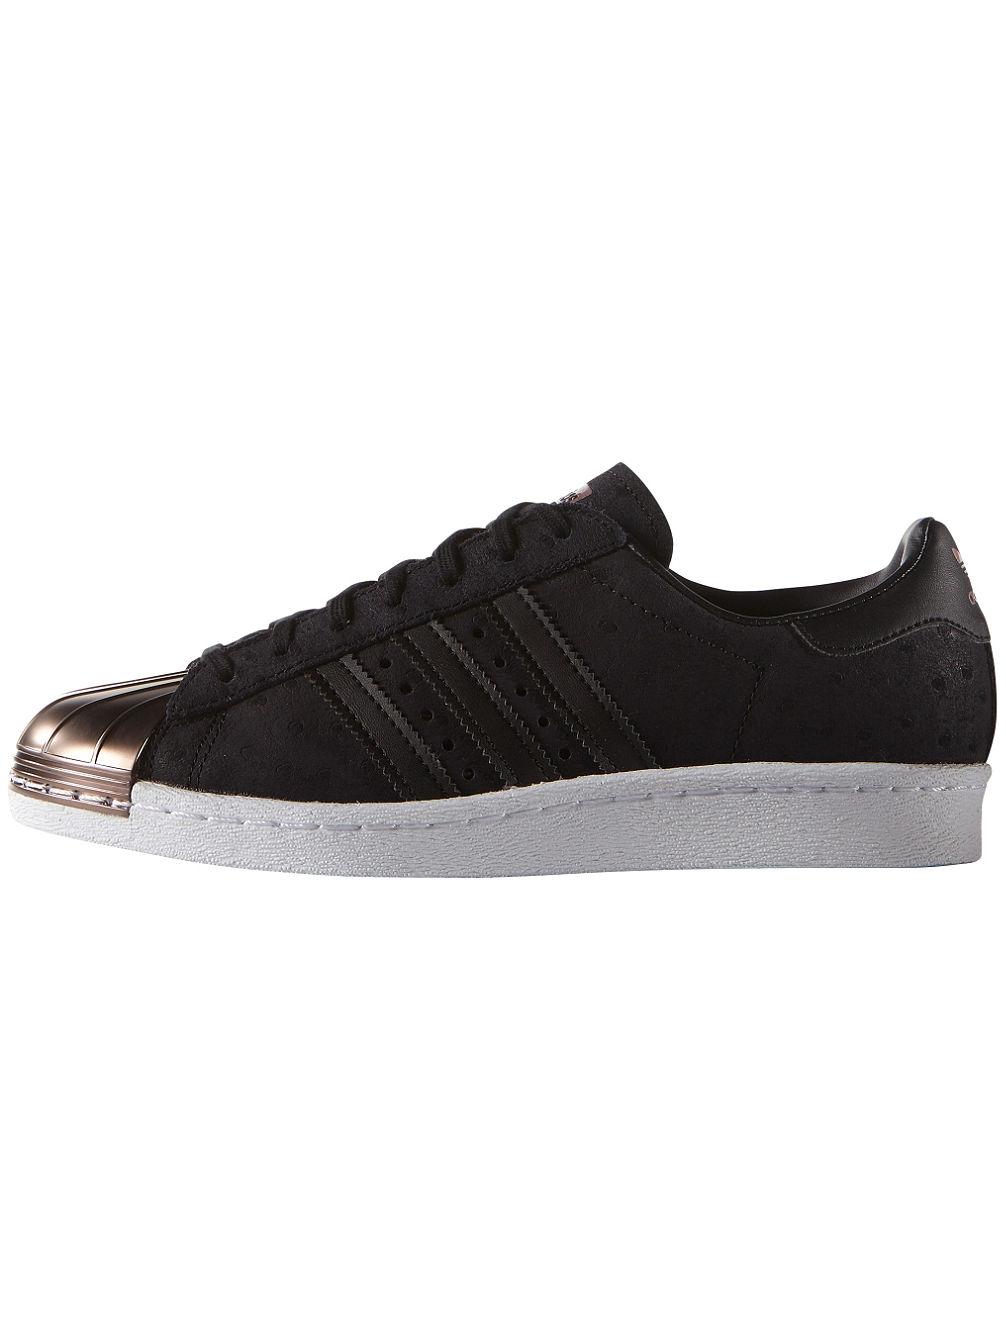 best service 5afeb 7bbb5 adidas Originals Superstar 80s Metal Toe Sneakers Women